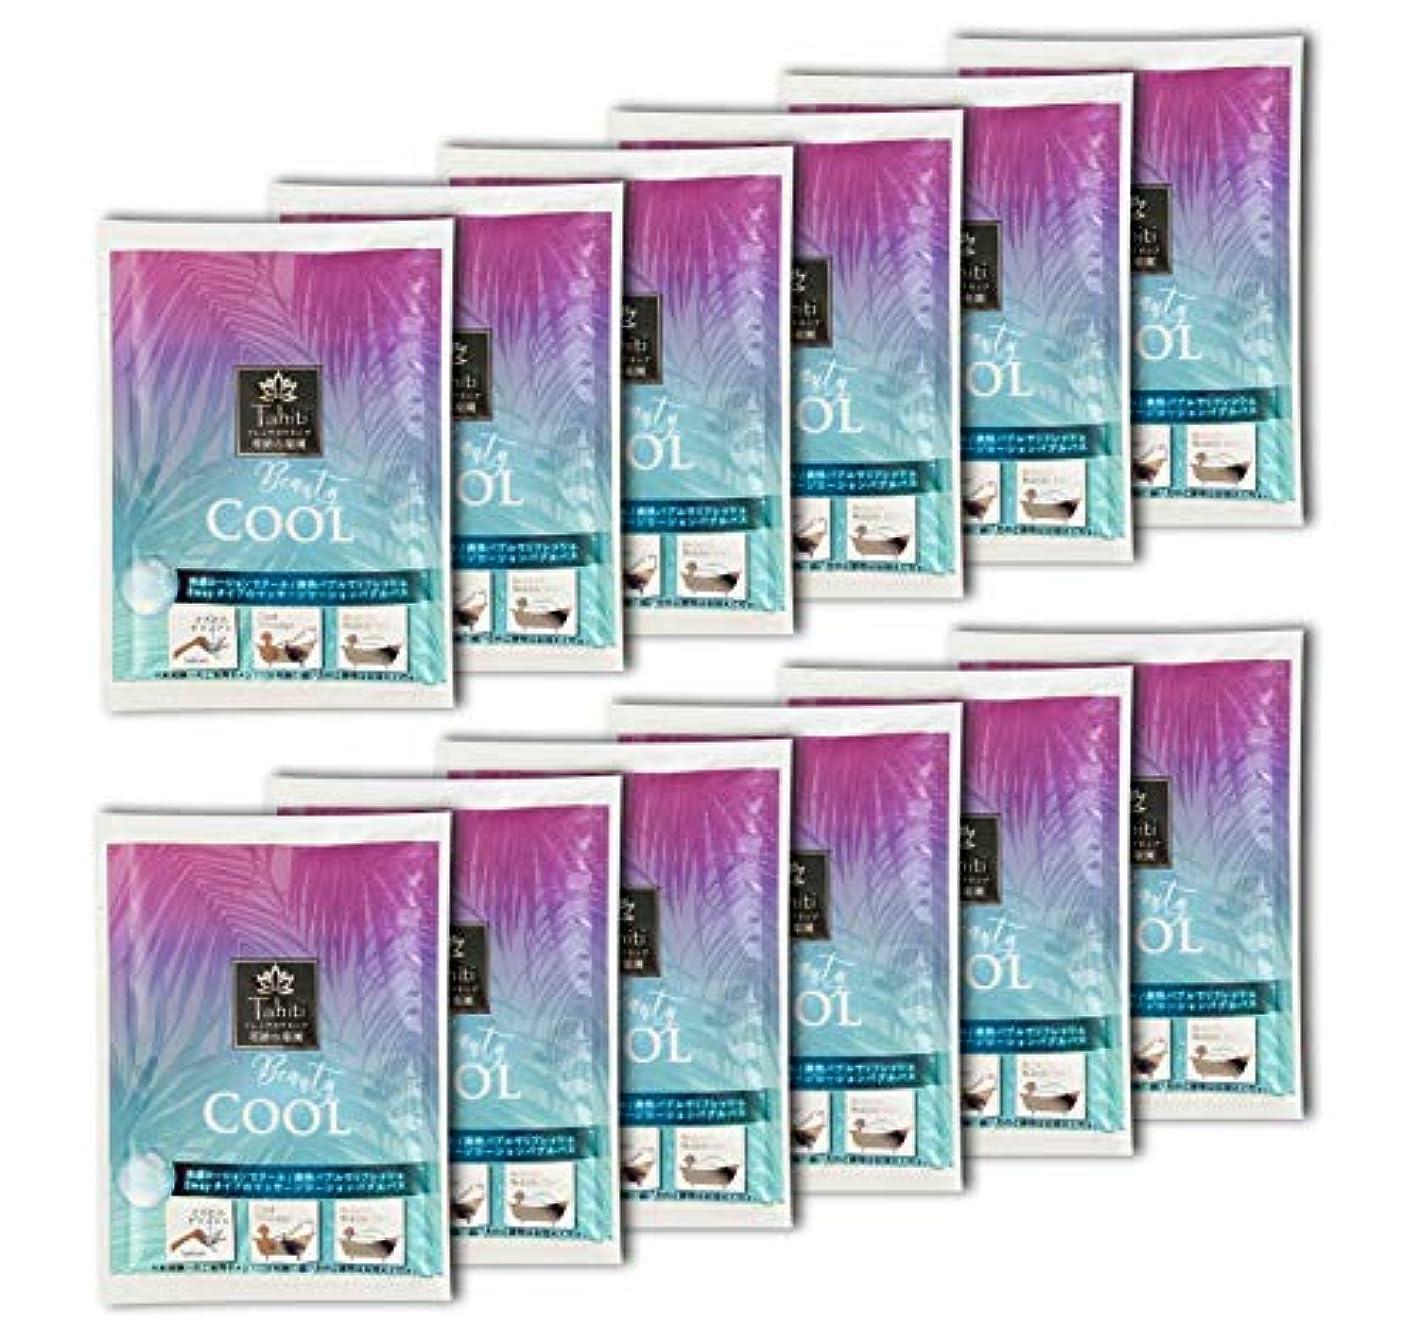 人生を作るアナログ世界記録のギネスブックタヒチアンクール (12包, バブルバス)